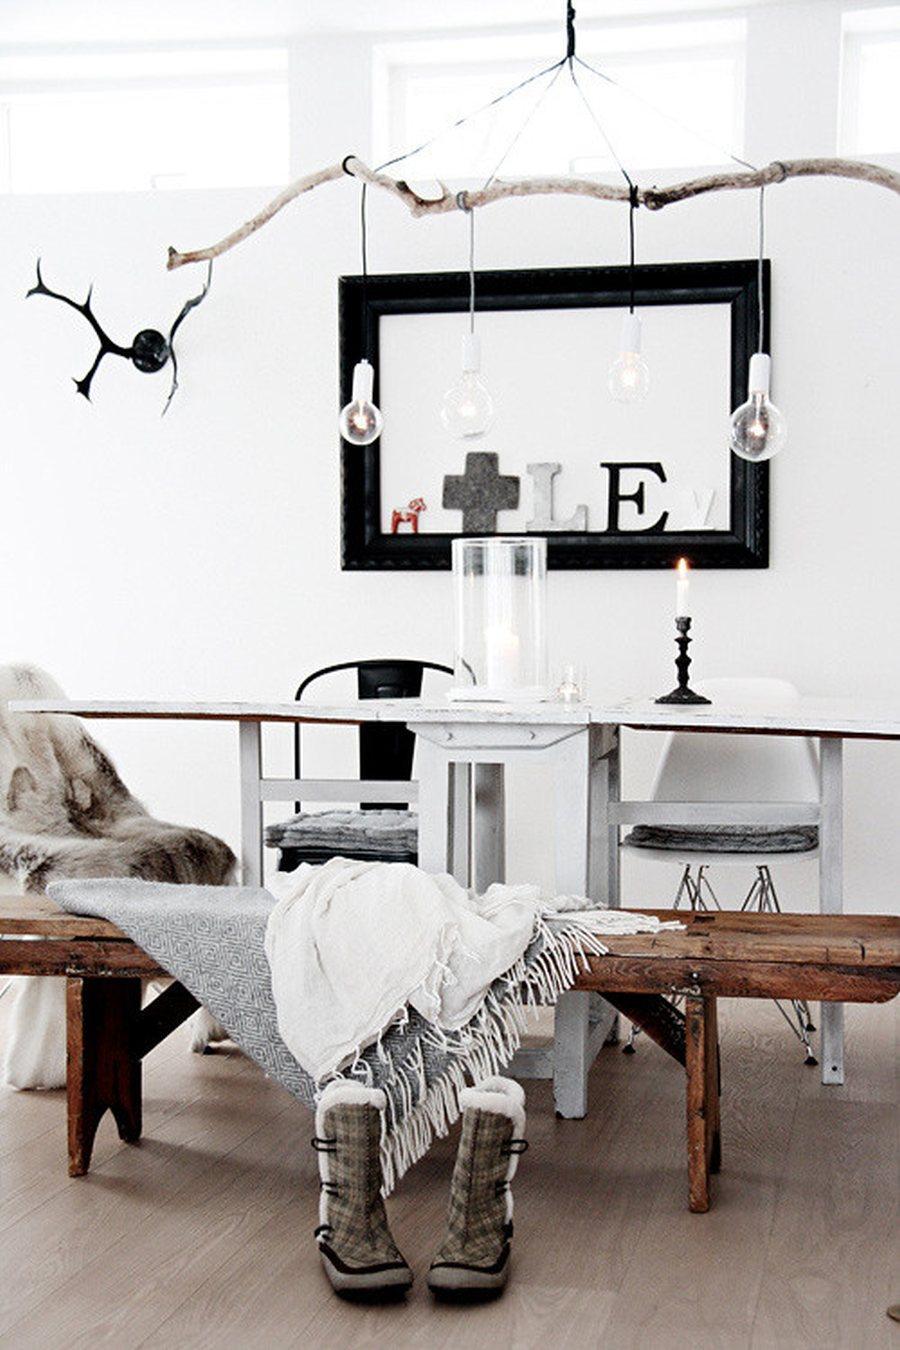 Lampadariodecorazioni per la casa con rami di albero fai-da-te